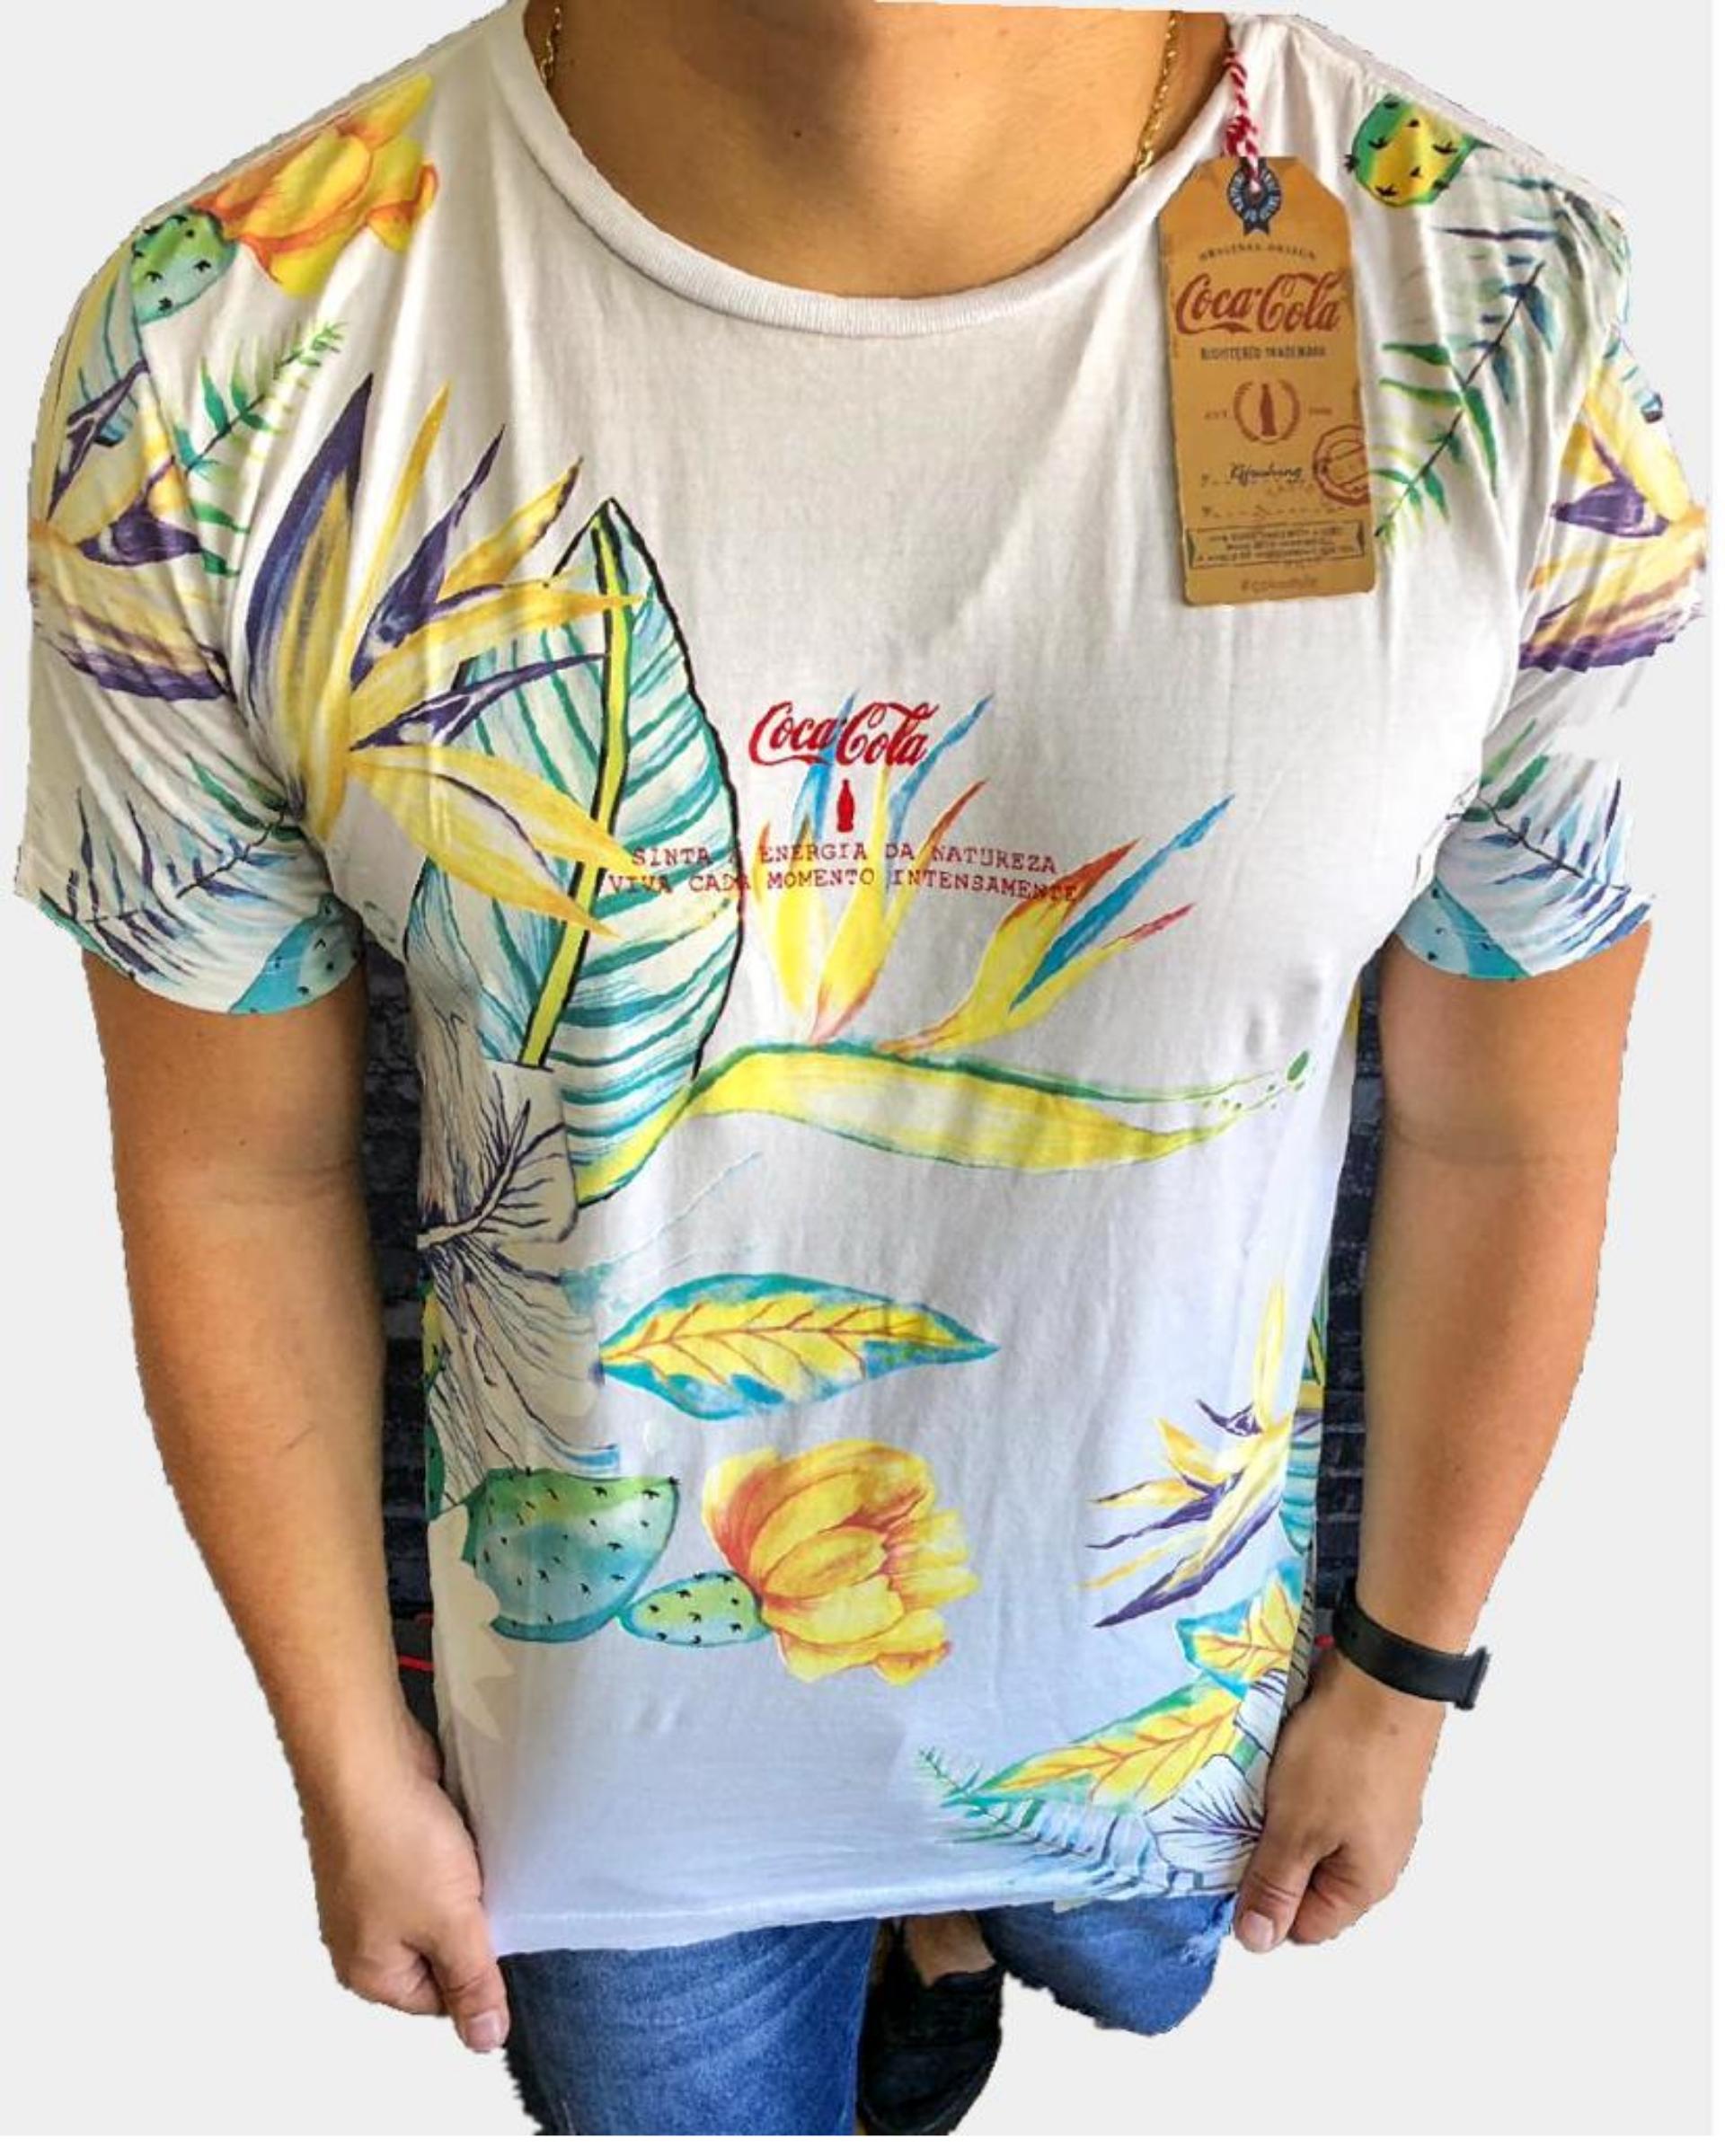 Kit 6 Camisas Masculinas promoção Atacado Revenda oferta Camisas masculinas  em atacado são buscadas por dezenas 932d7b50d9